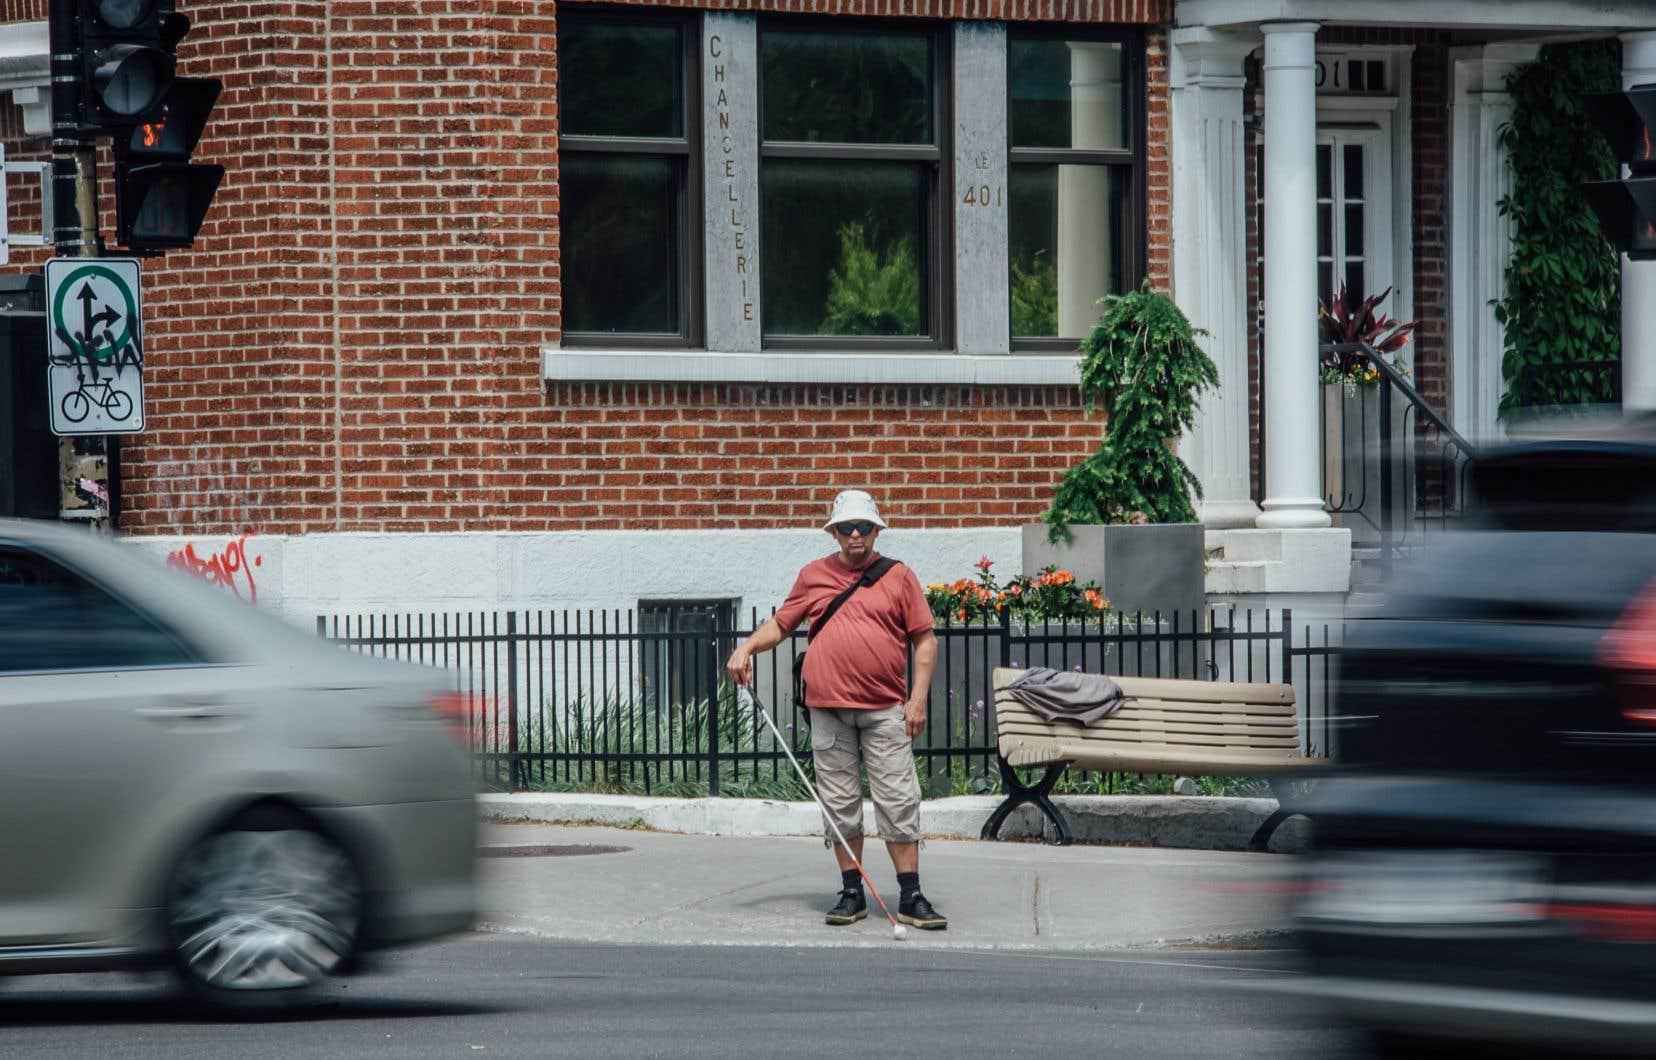 «Prioriser les piétons et les cyclistes, c'est bien. Sauf qu'ils nous ont oubliés. C'est inacceptable. La Ville a pourtant une politique d'accessibilité universelle et joue du violon avec ça», souligne Yves-MarieLefebvre.